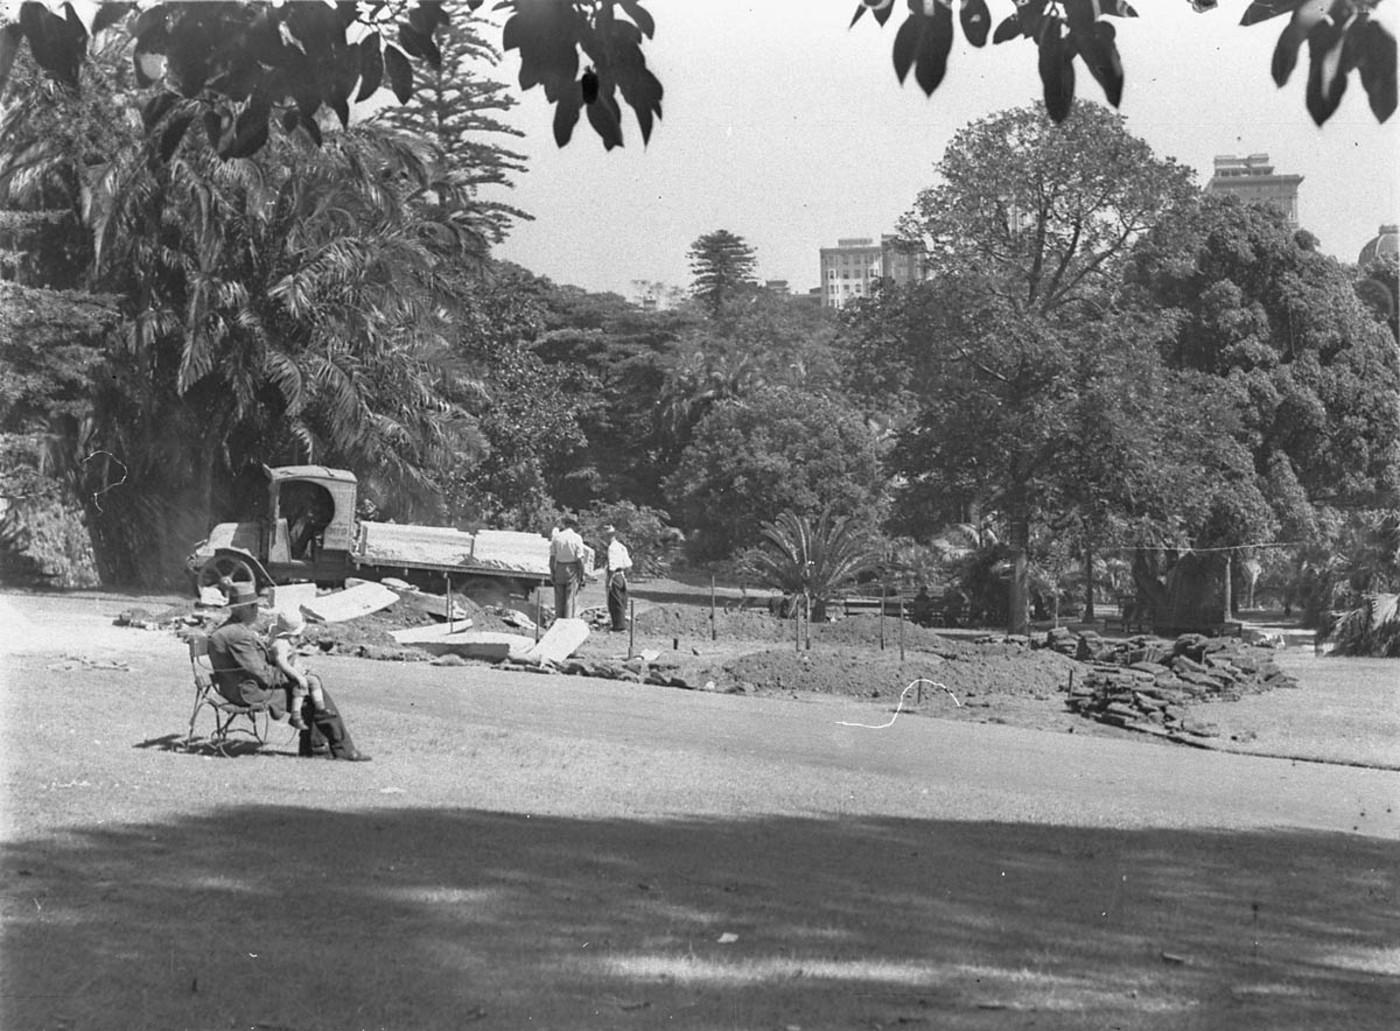 Workmen forming new garden beds, c. 1932